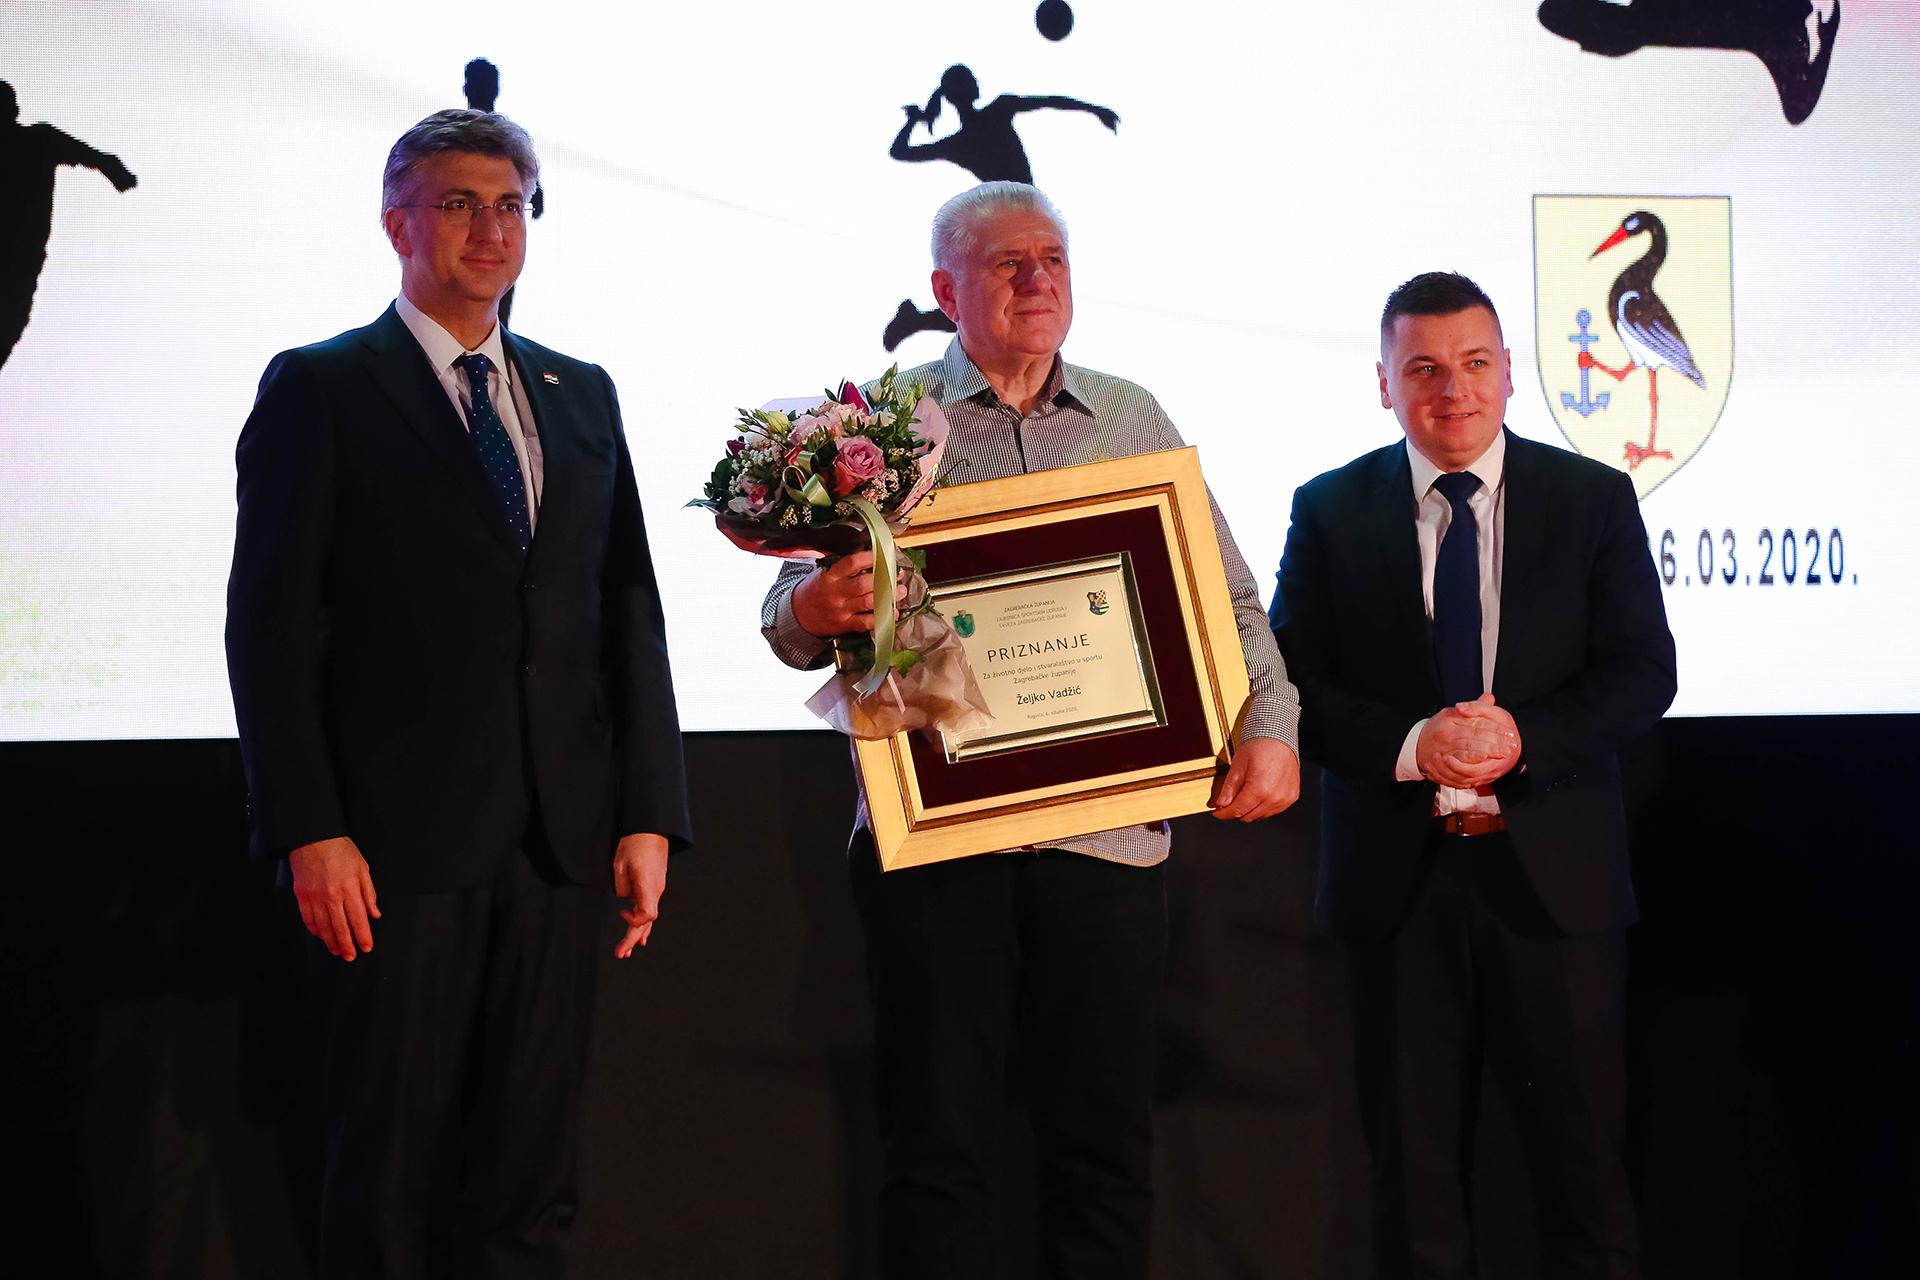 SVEČANOST PROGLAŠENJA NAJBOLJIH SPORTAŠA I SPORTSKIH KOLEKTIVA ZAGREBAČKE ŽUPANIJE ZA 2019. GODINU 6. ožujka 2020.